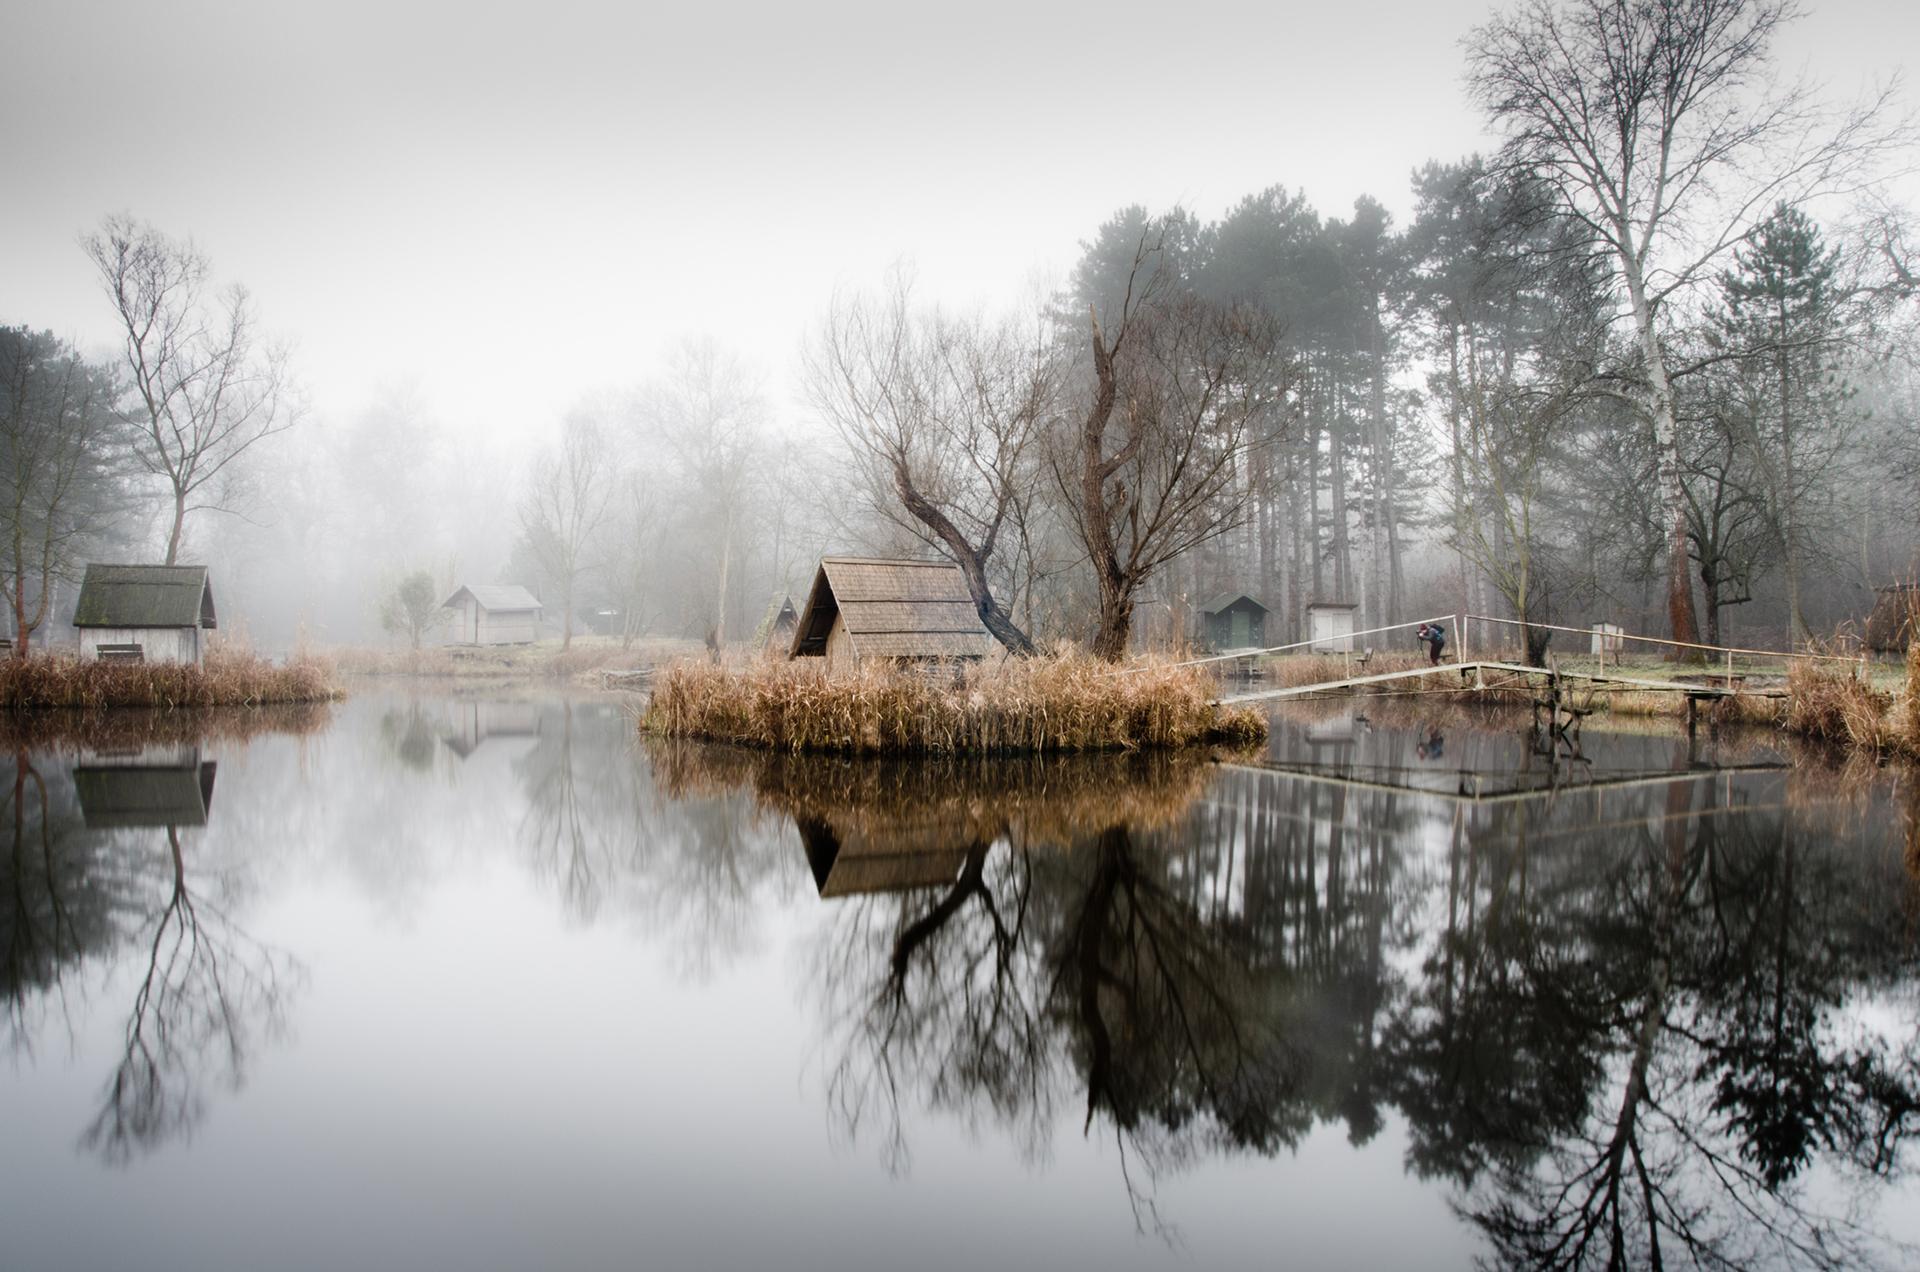 Szodliget villaggio di pescatori vicino a budapest